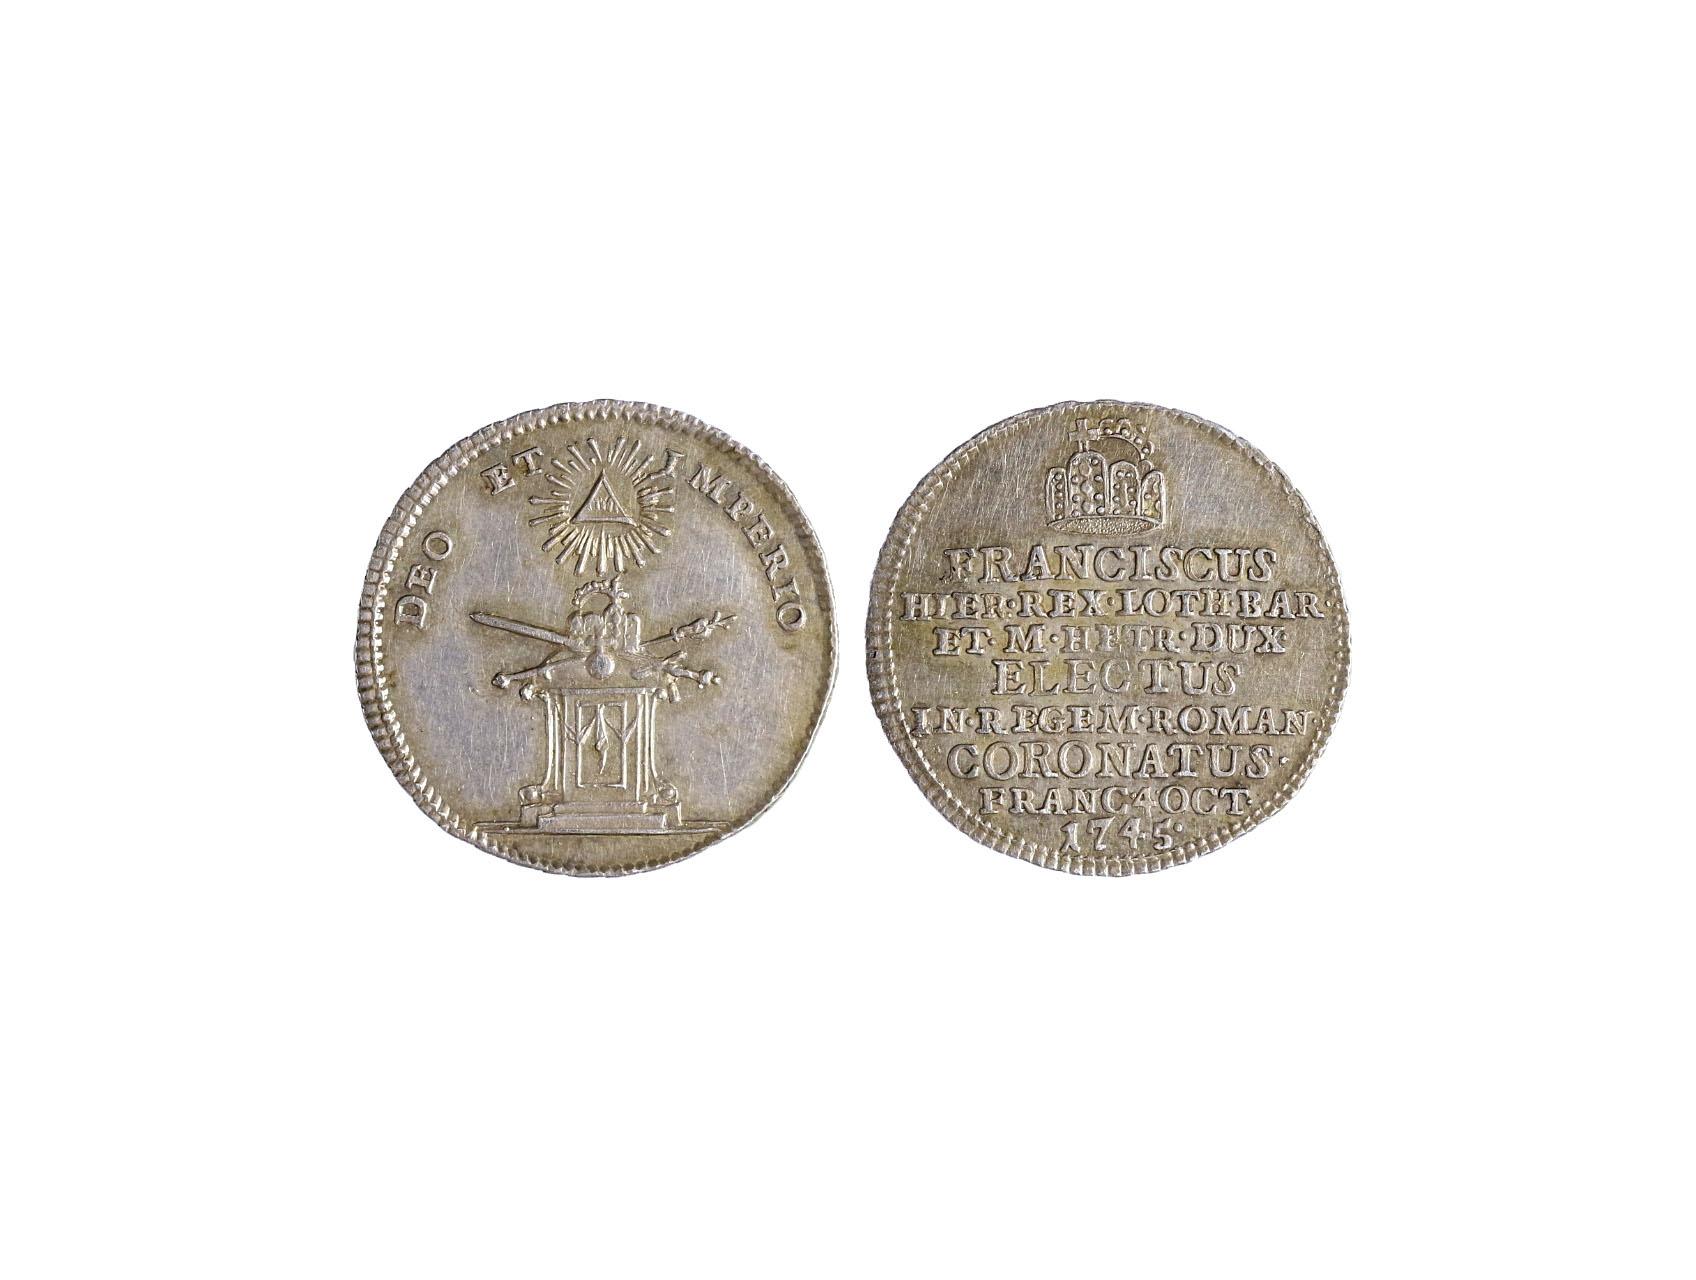 Osobnosti - František I. Šťepán 1745-1765 - AR Malý žeton 1775 na korunovaci ve Frankfurtu n. M.